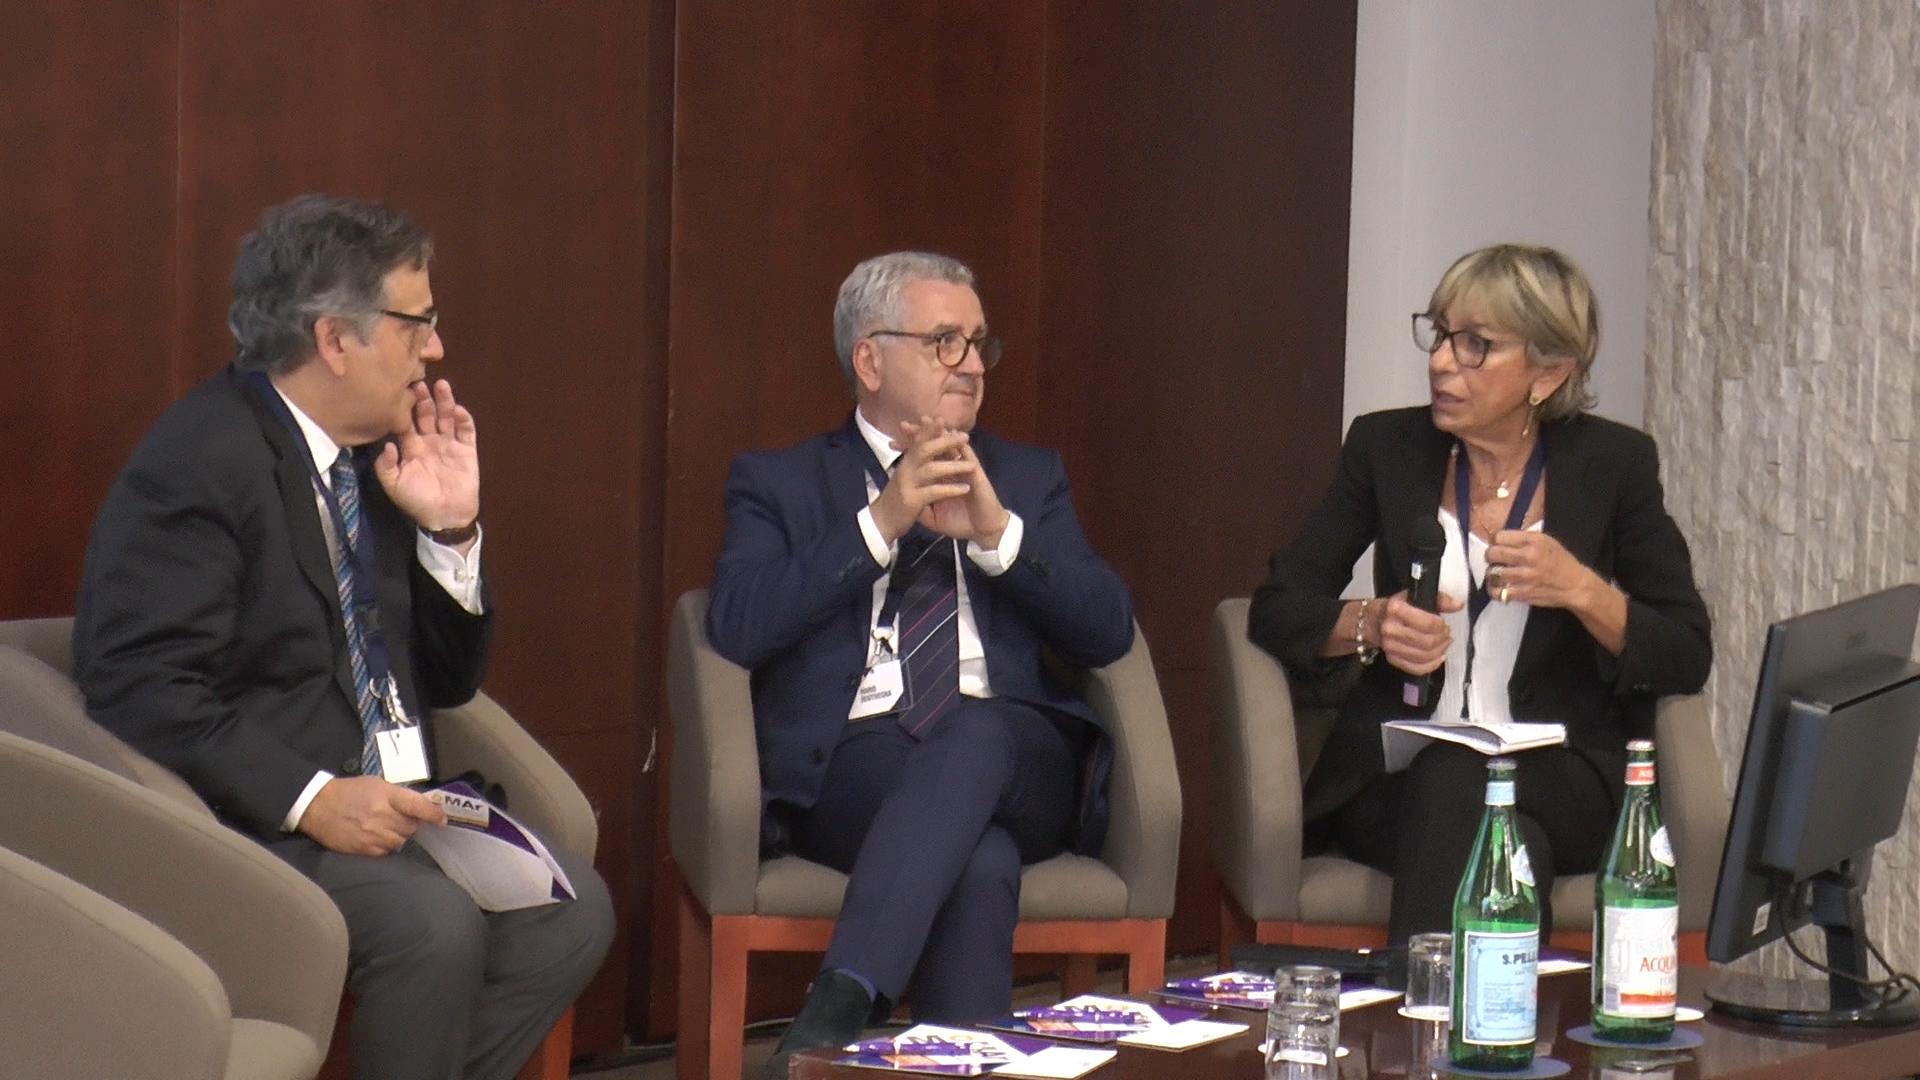 dott.ri Amato, Bentivegna e Battaglia